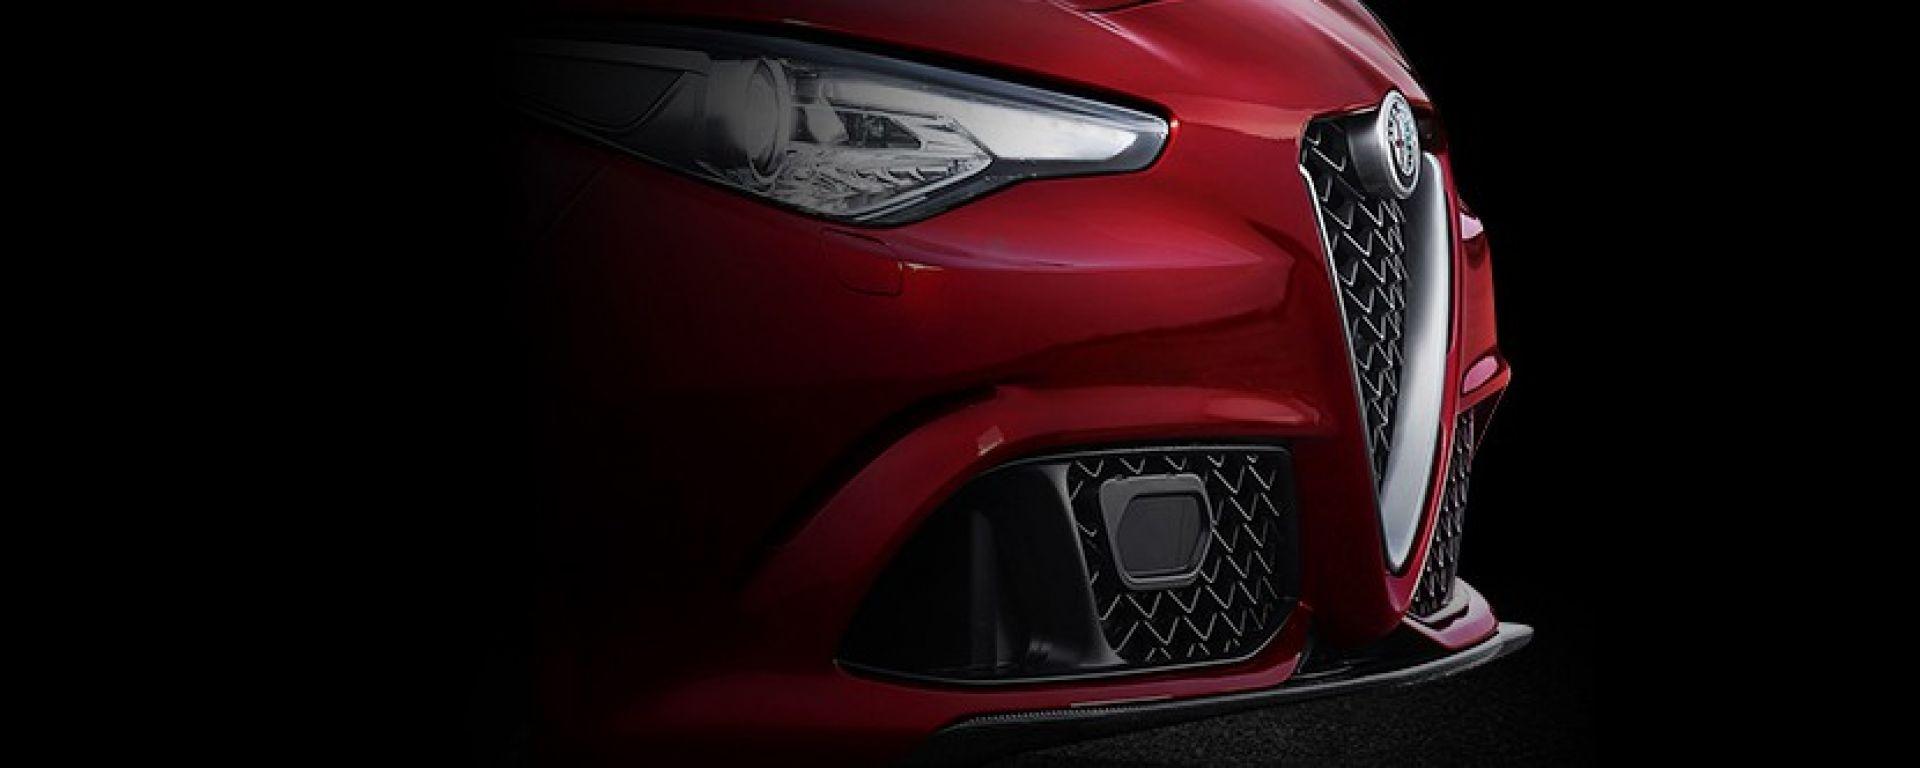 Alfa Romeo Giulia, lo spoiler mobile in azione